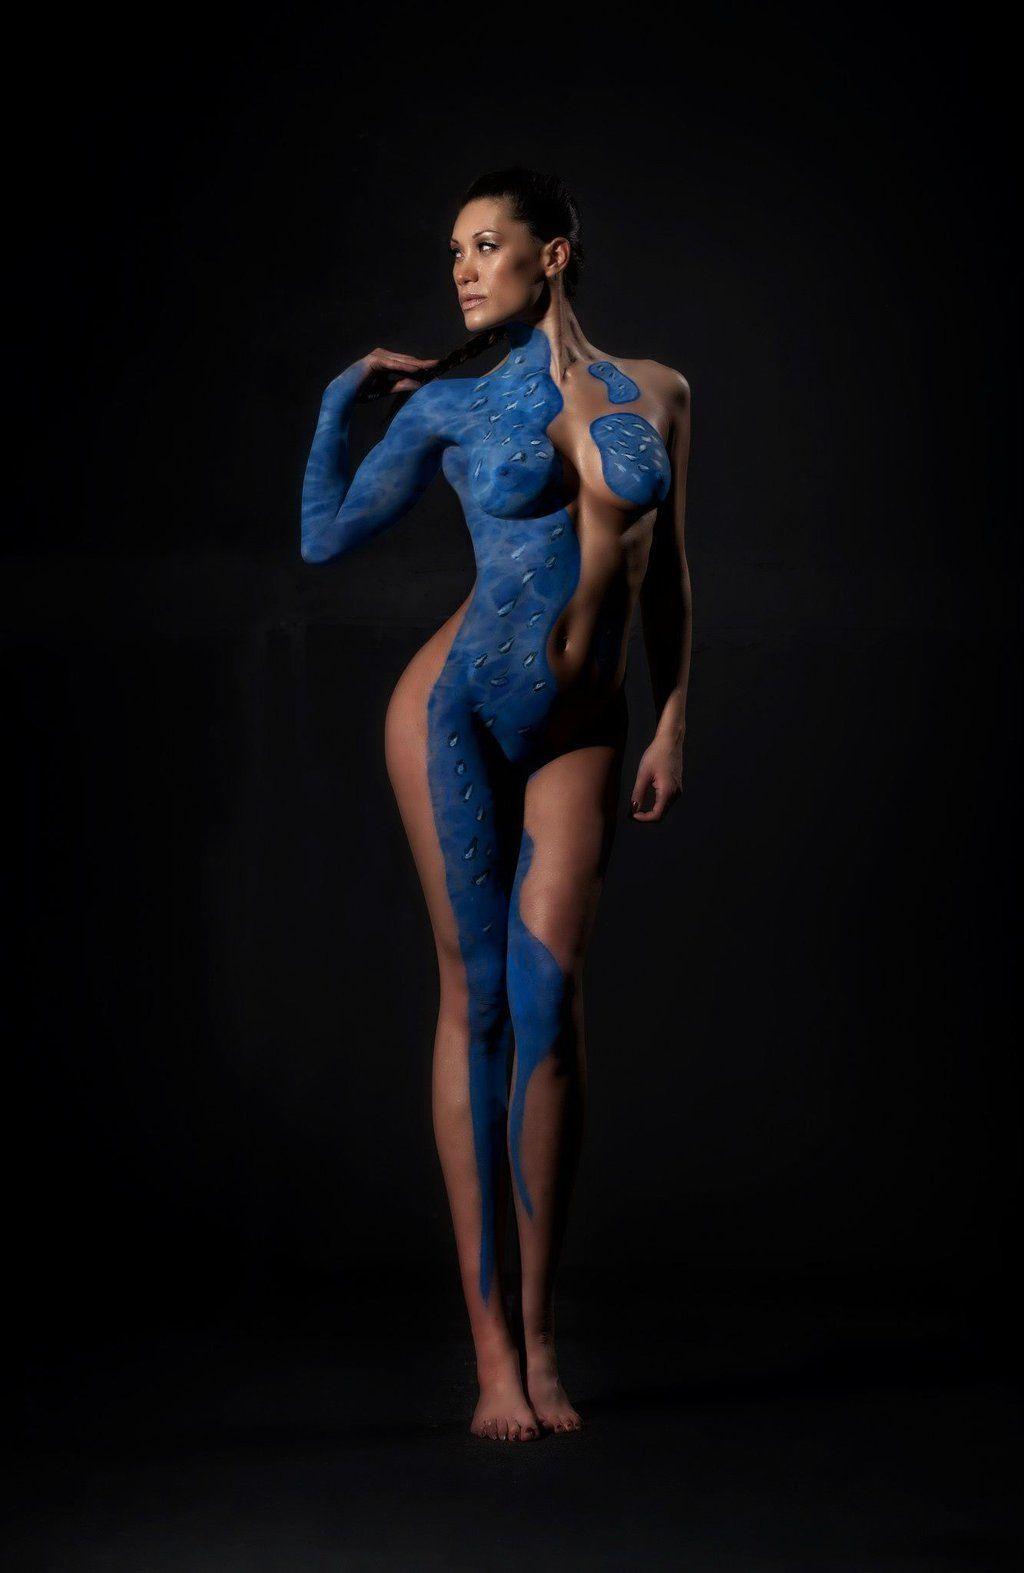 Blue body paint